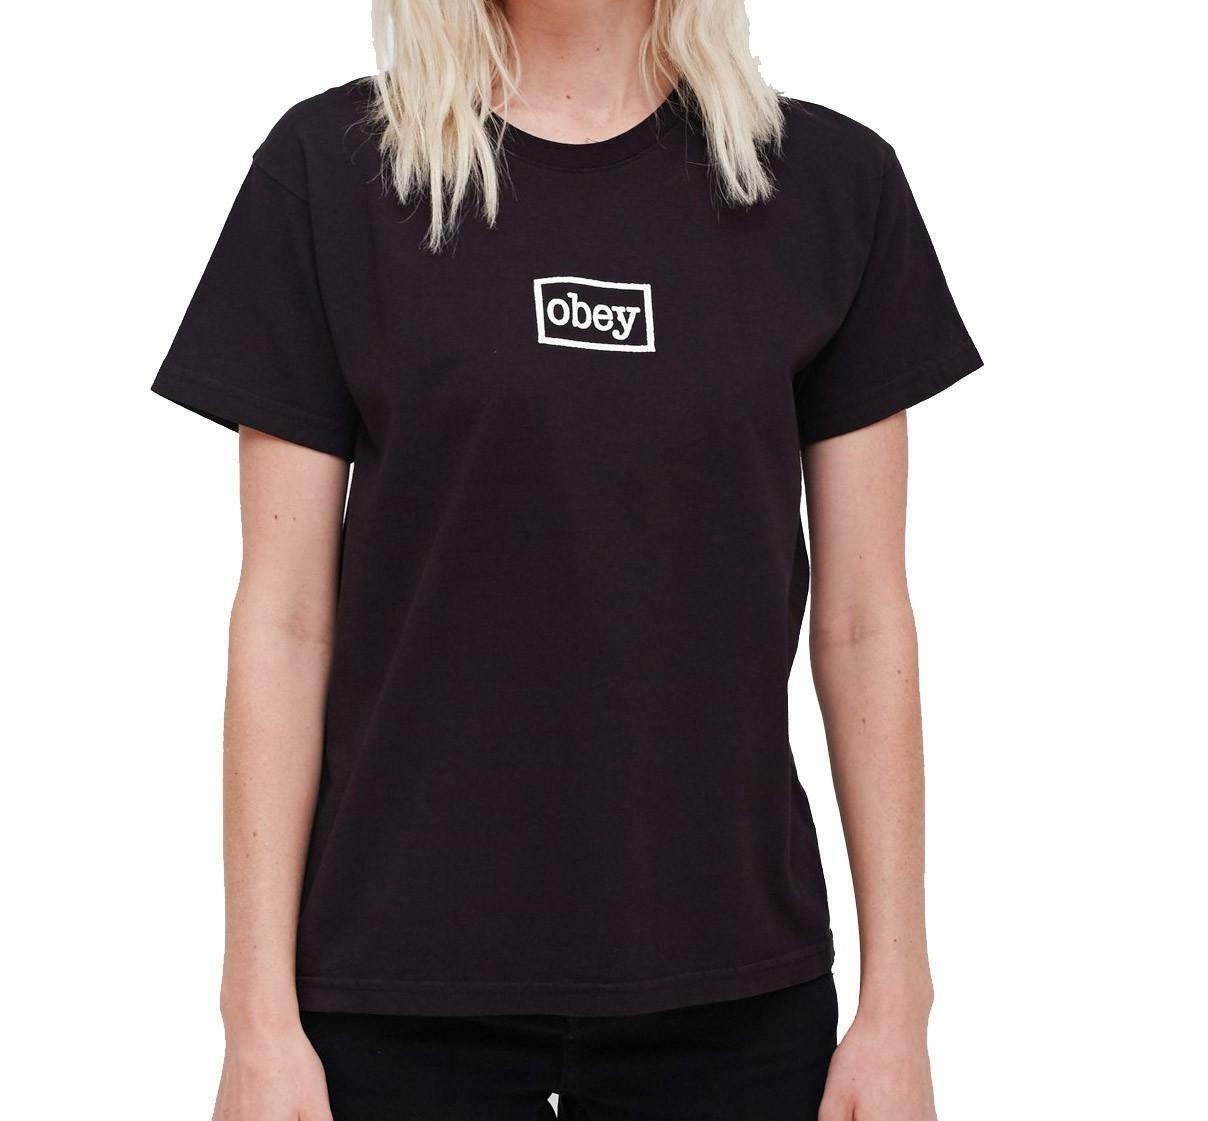 obey obey typewriter t-shirt donna nera 266851266blk